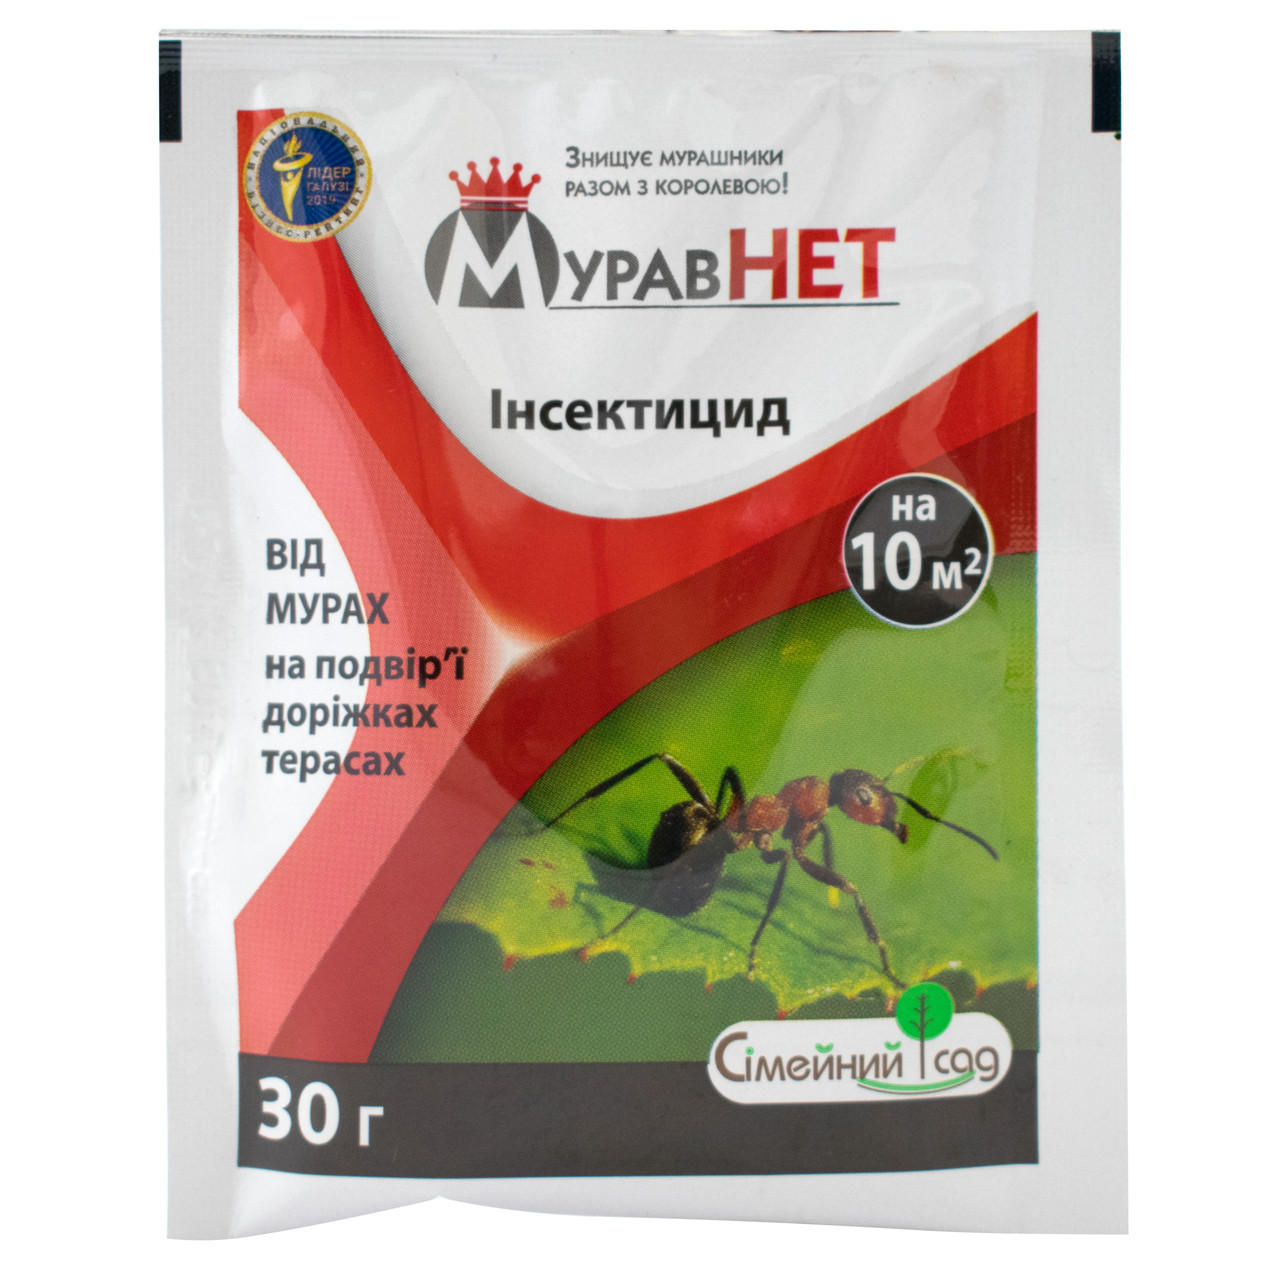 Инсектицид от муравьев Муравнет 30 г